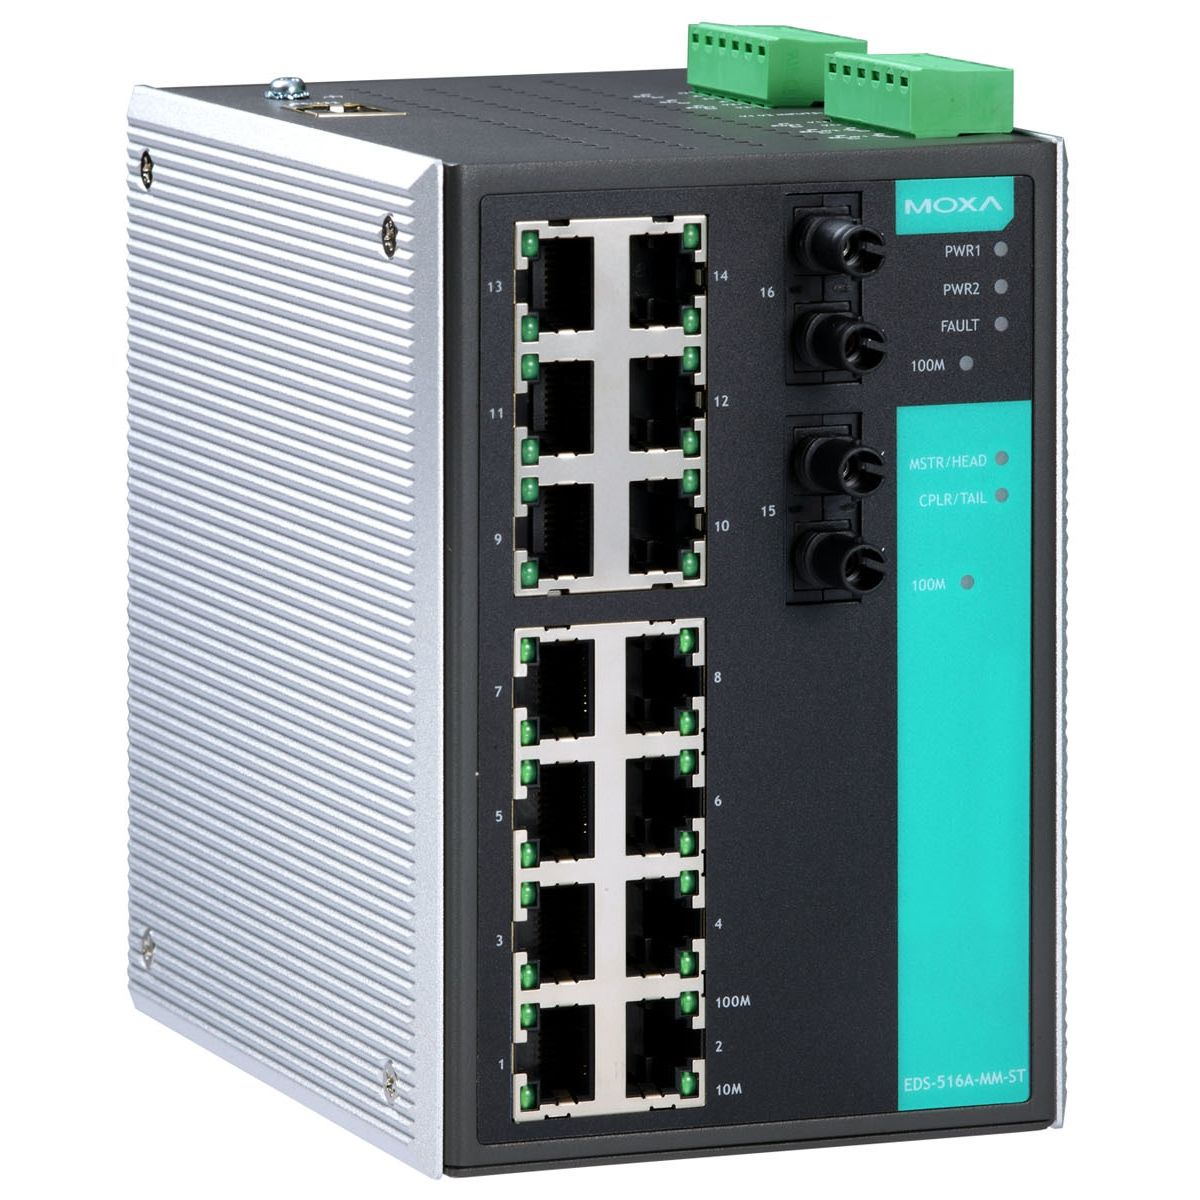 EDS-516A-MM-SC